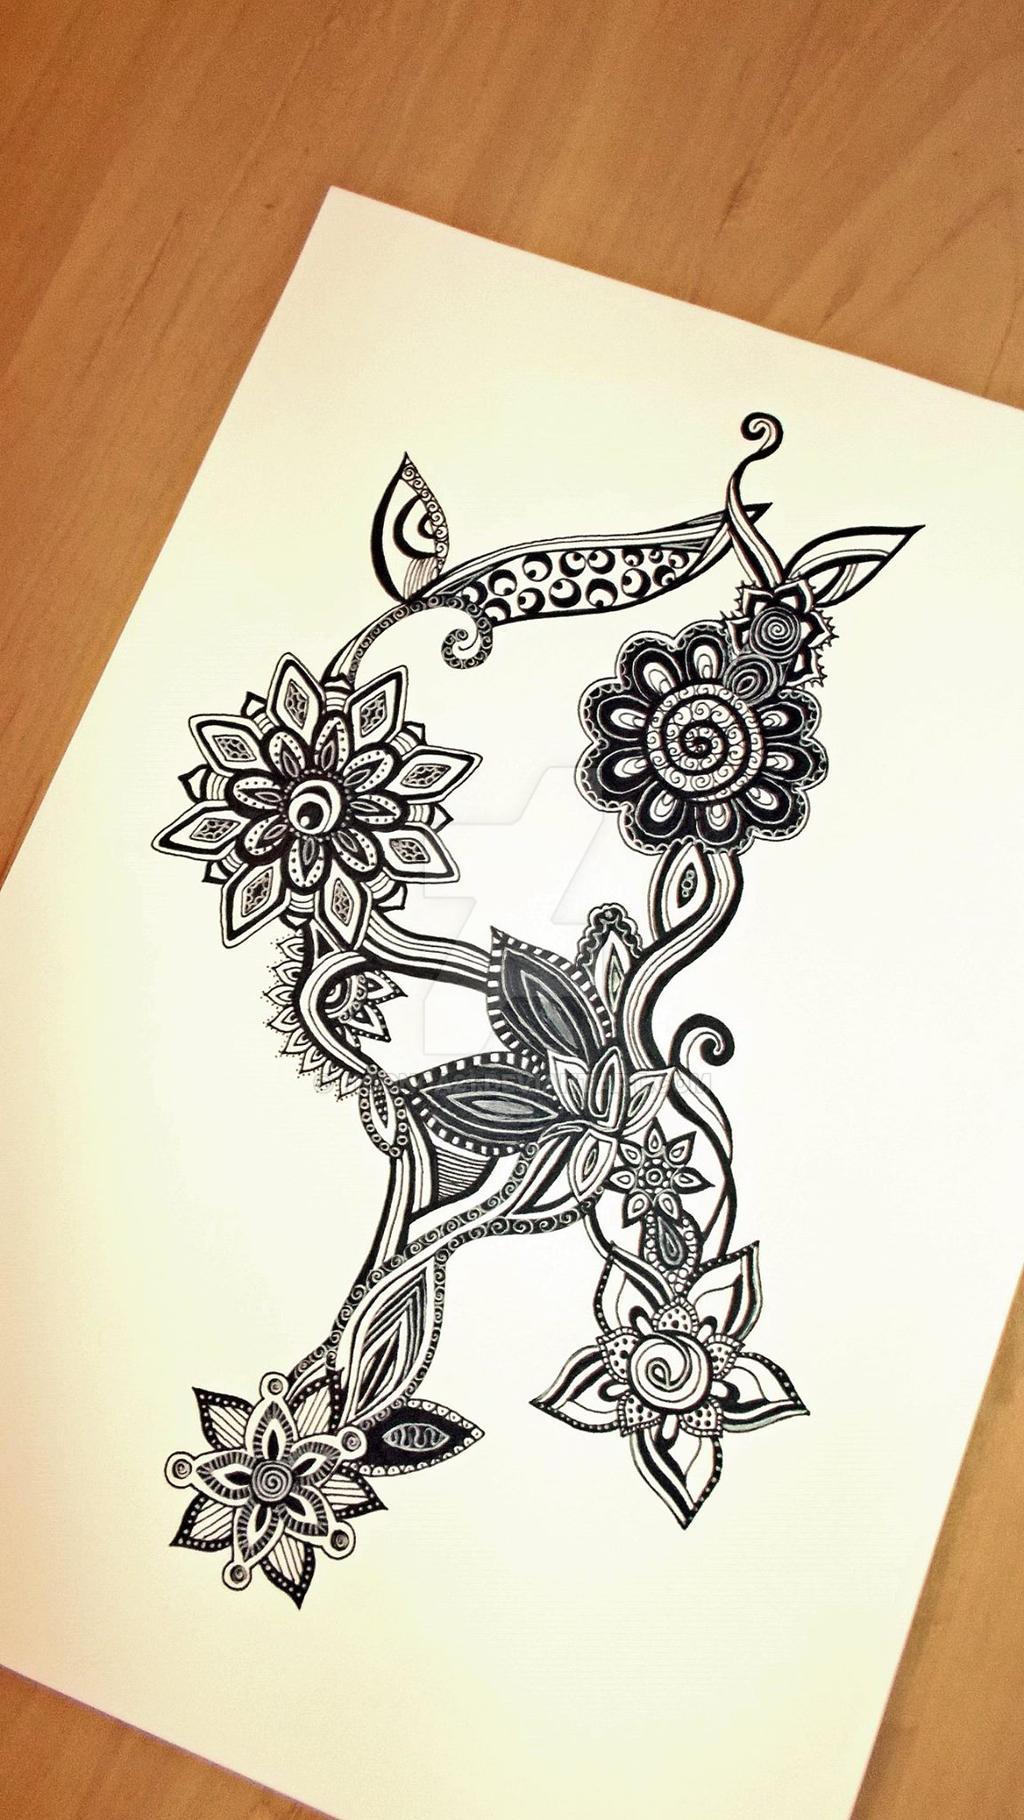 Zentangle Flowers by Moonca21 on DeviantArt